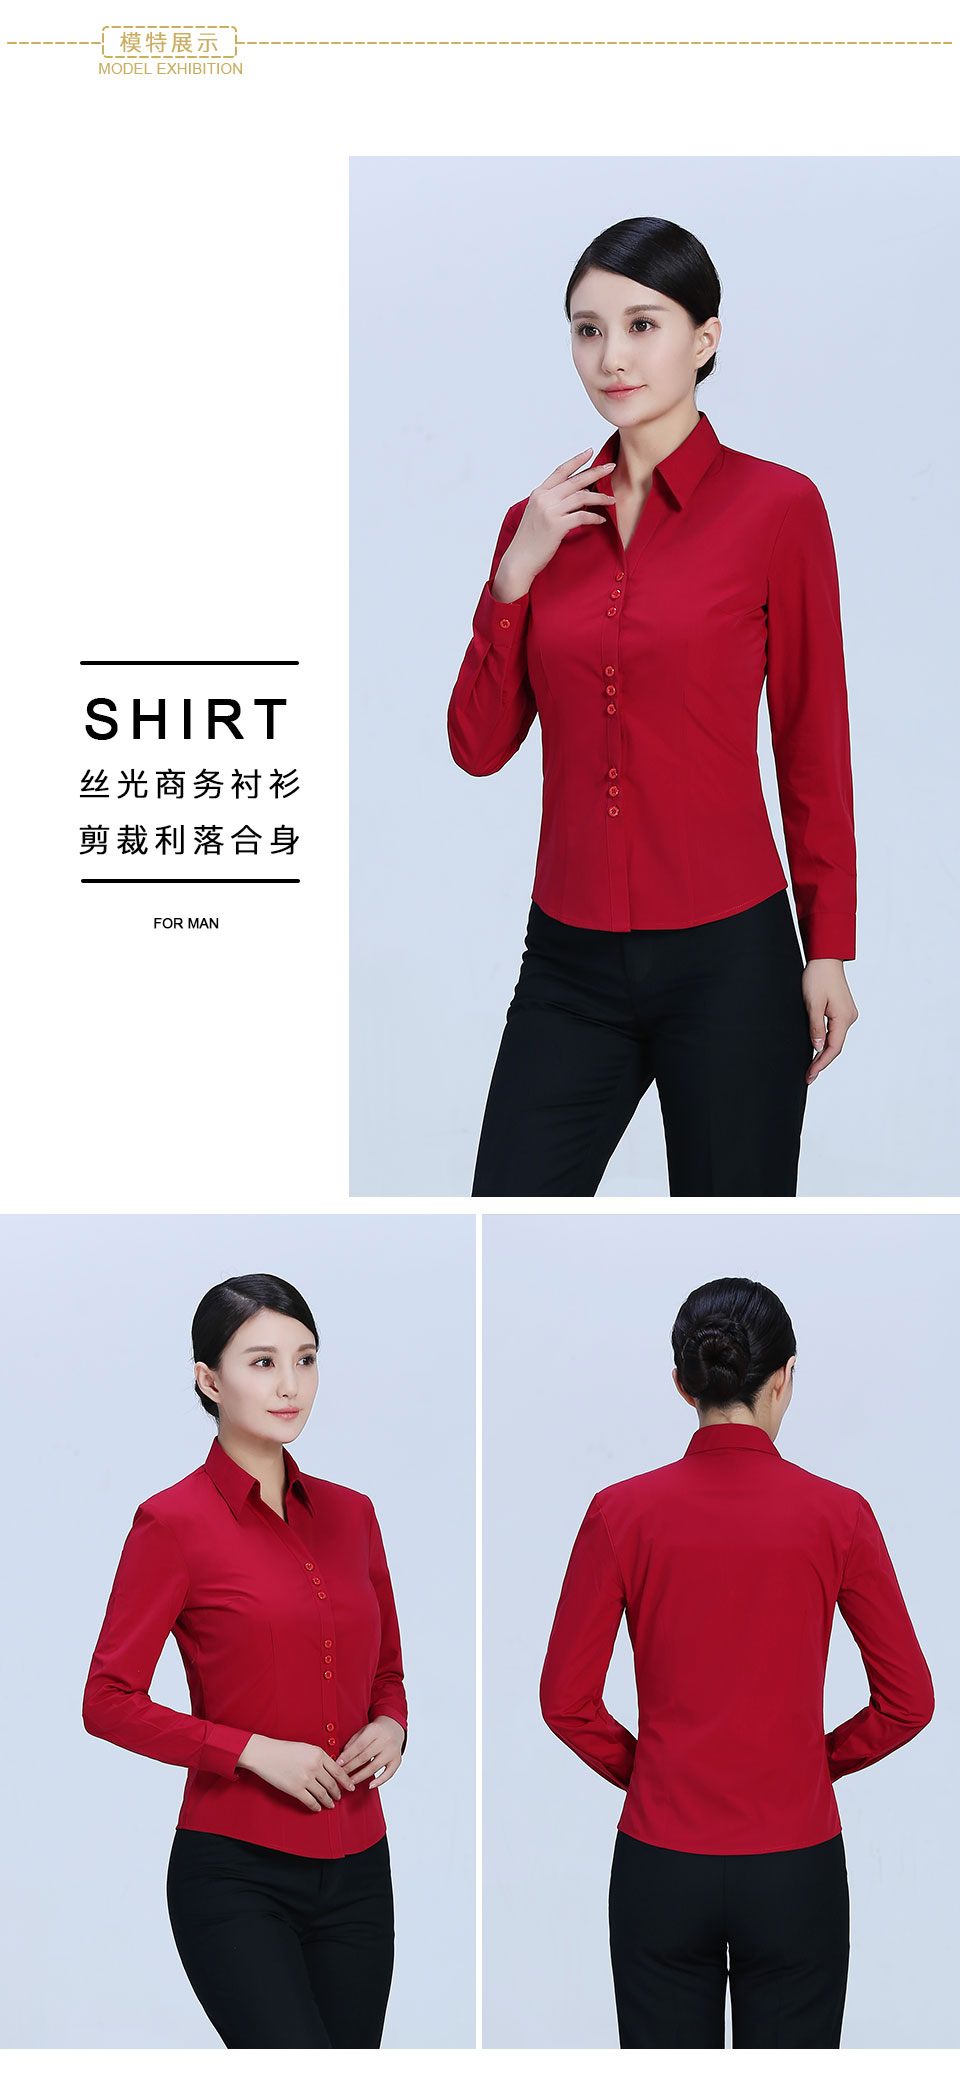 新款衬衫枣红女红色V领长袖衬衫